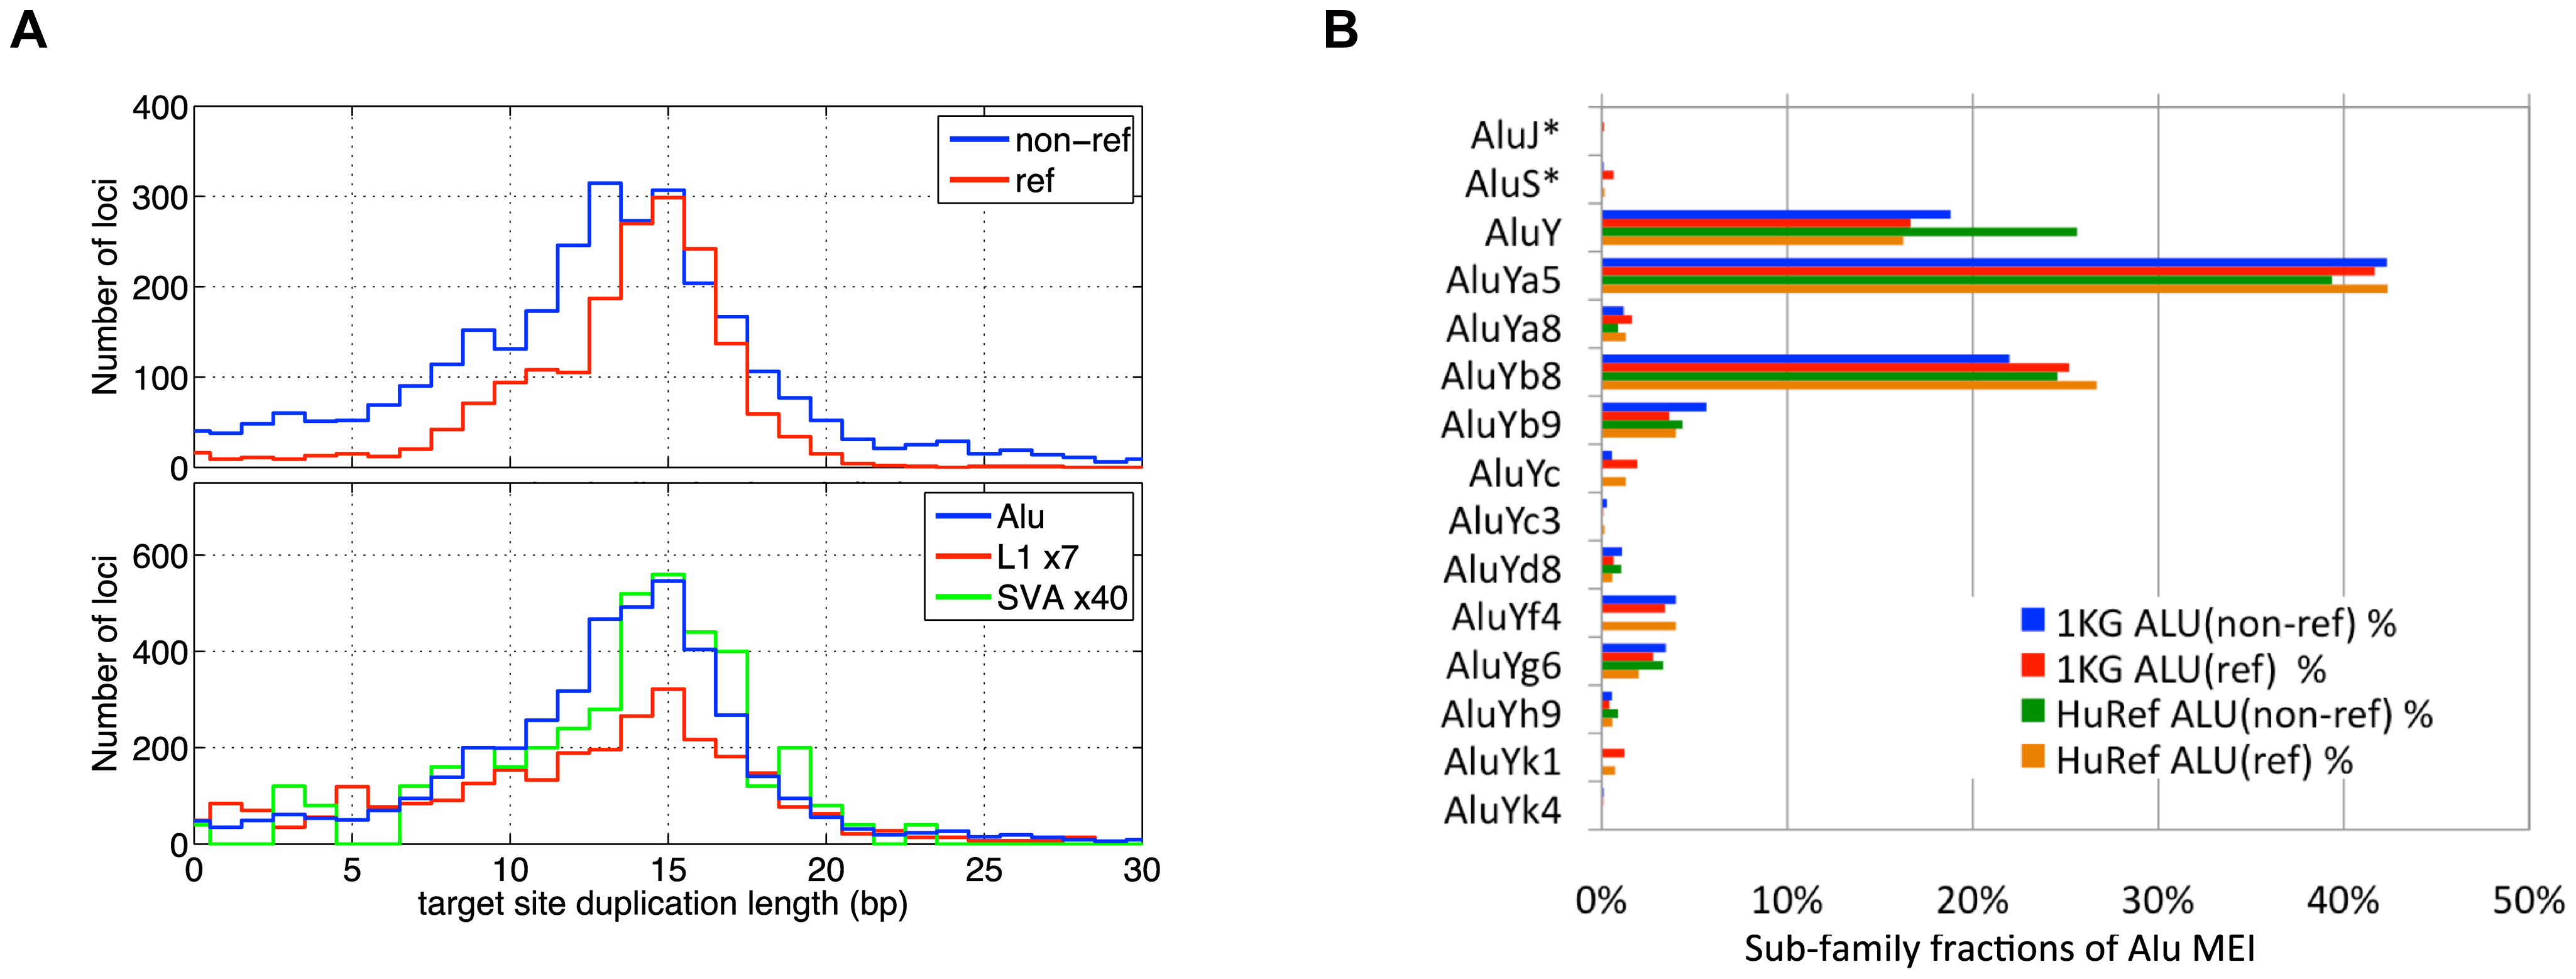 MEI Alu sub-family breakdown, Target site duplication length.